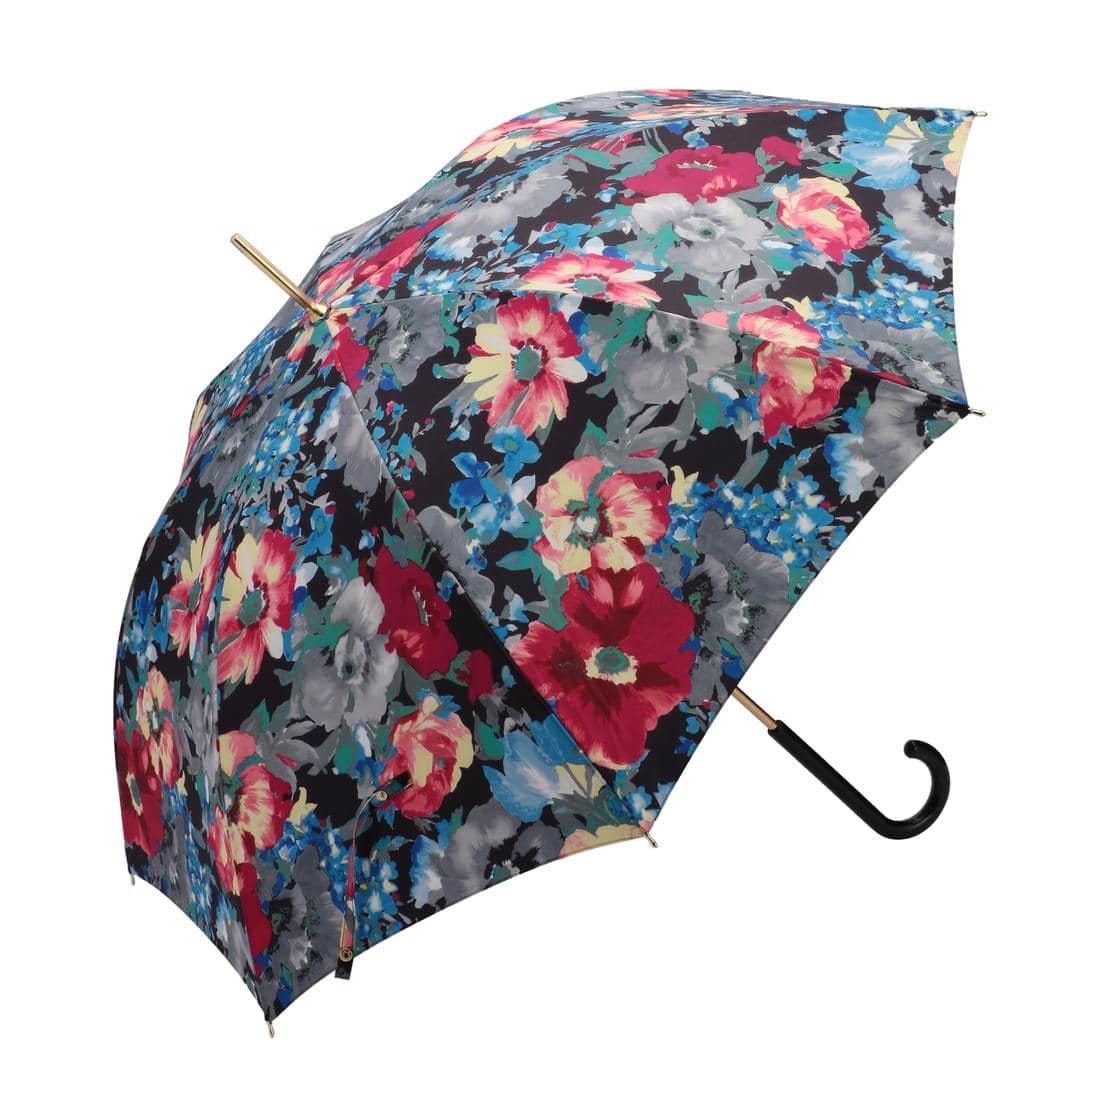 ウォーターカラーフラワー 雨晴兼用長傘 JEWCF-171139